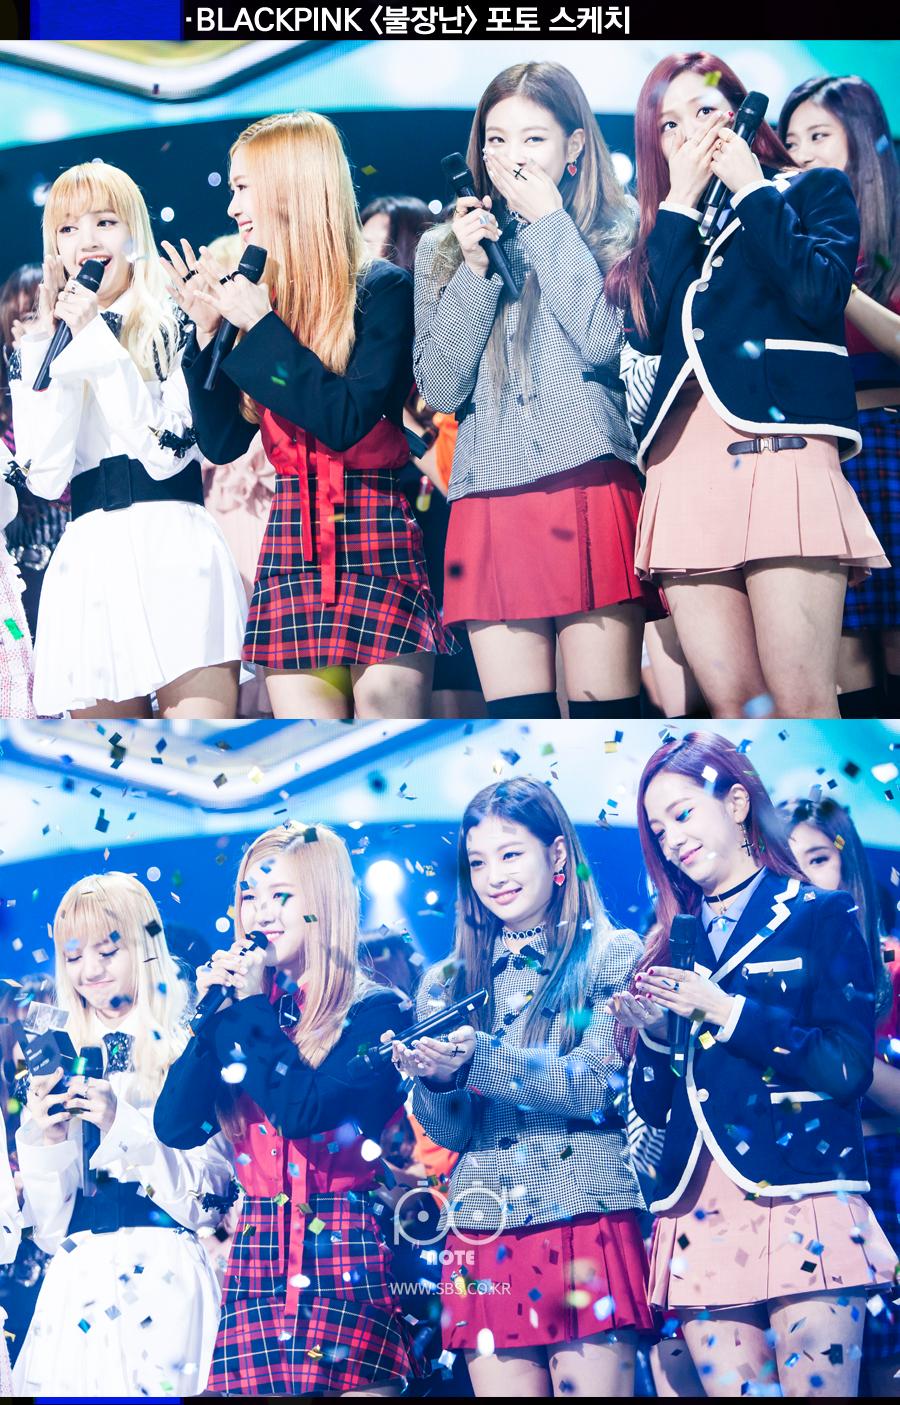 블랙핑크 불장난 포토스케치 1위 소감 말하며 기뻐하는 멤버들